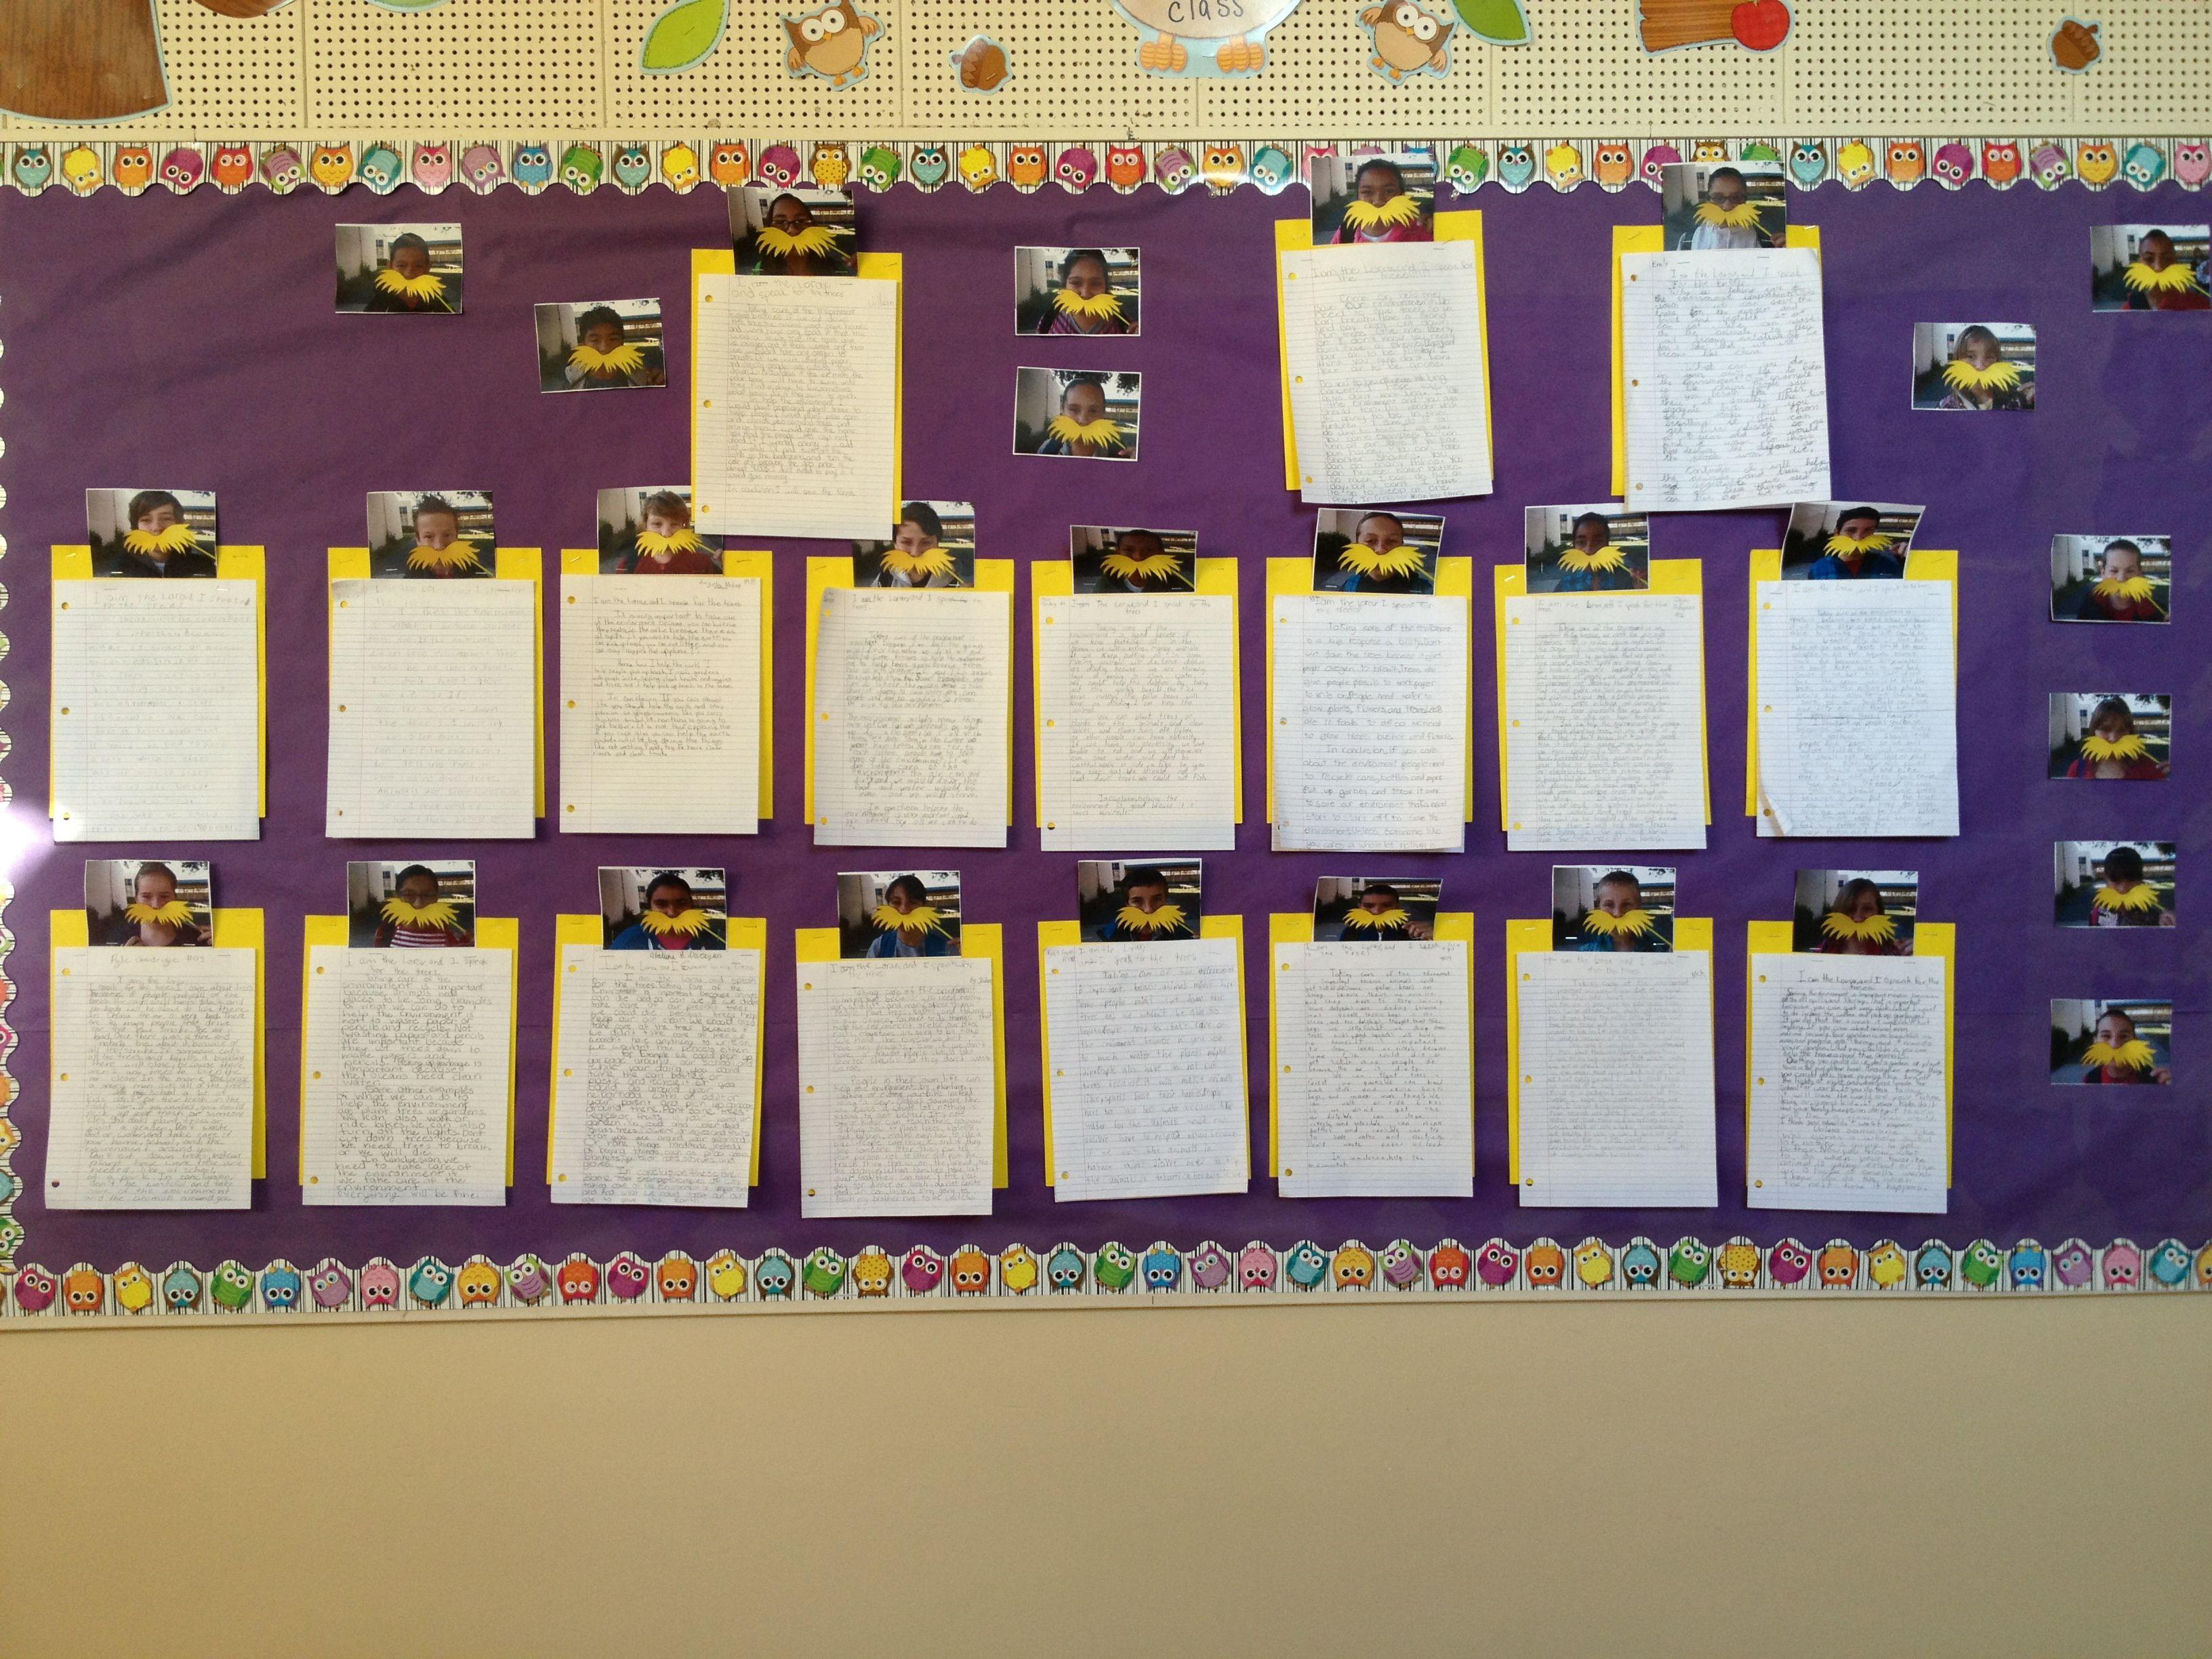 the lorax bulletin board narrative essays on the environment the lorax bulletin board narrative essays on the environment